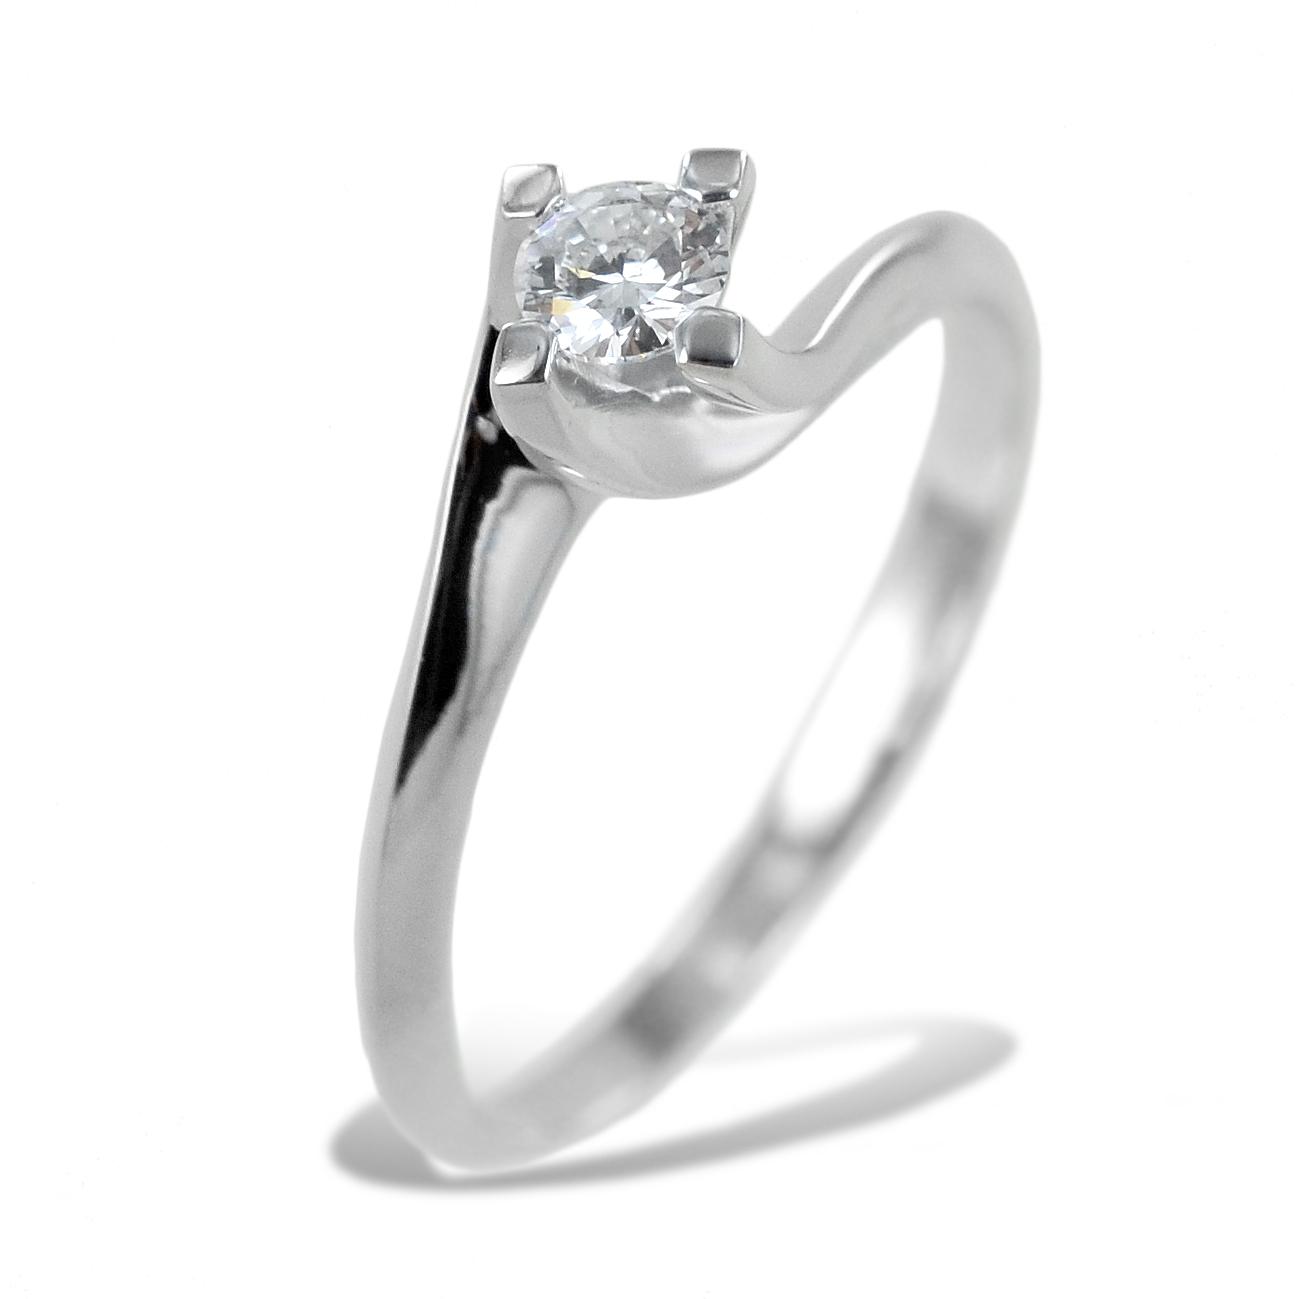 Anello solitario medio con diamante montatura Valentine 0.18 carati